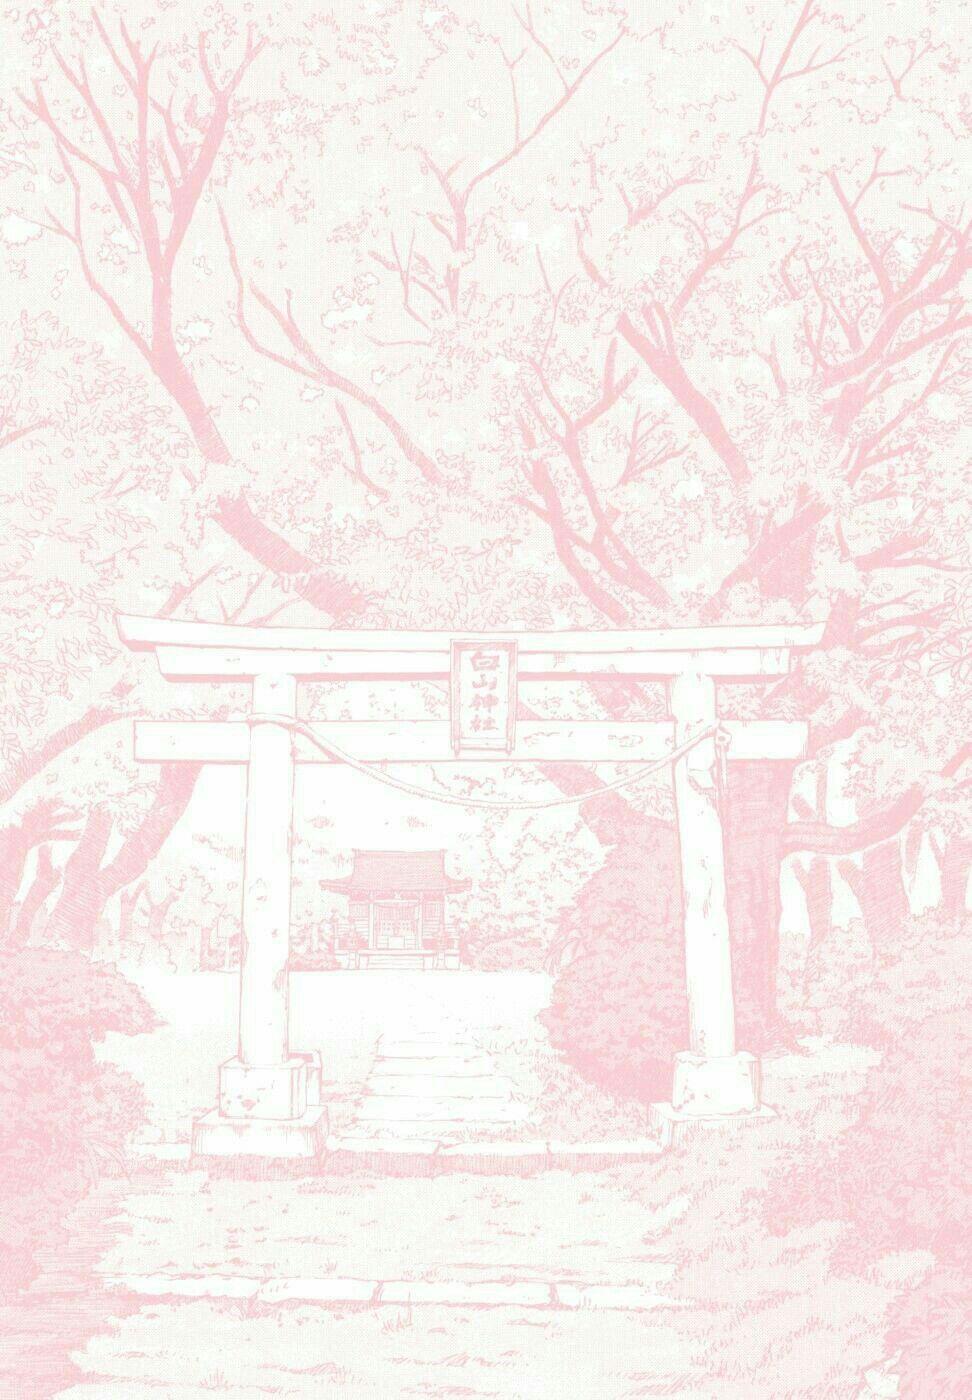 Pinkish Mangɑ ミ ゚ ゚ Pastel Pink Aesthetic Anime